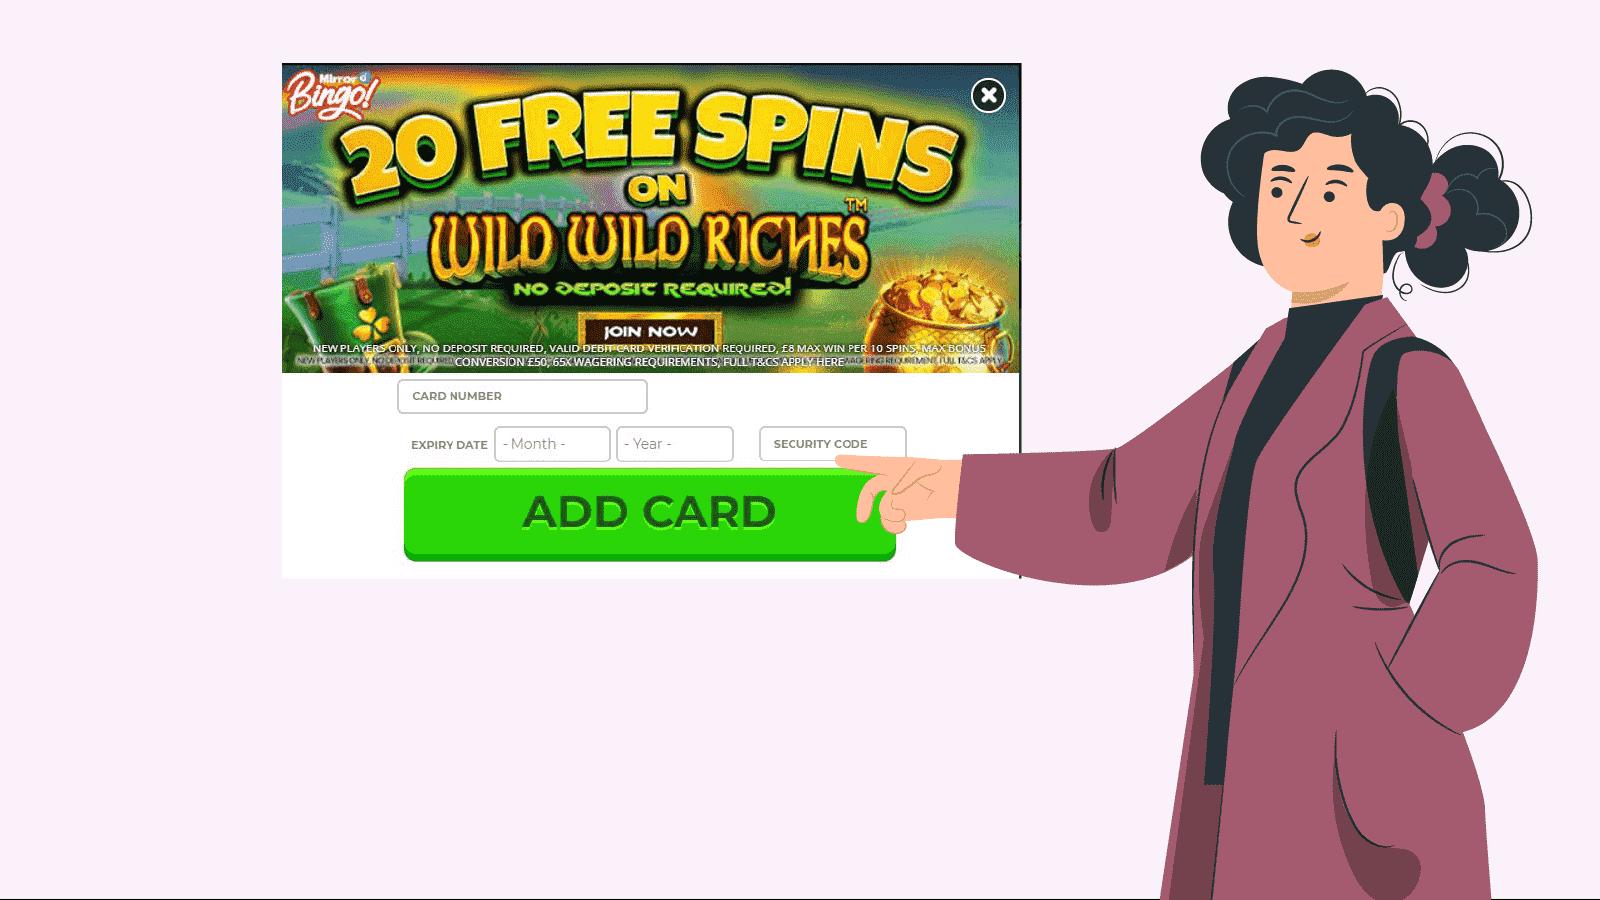 Enter your card details at registration